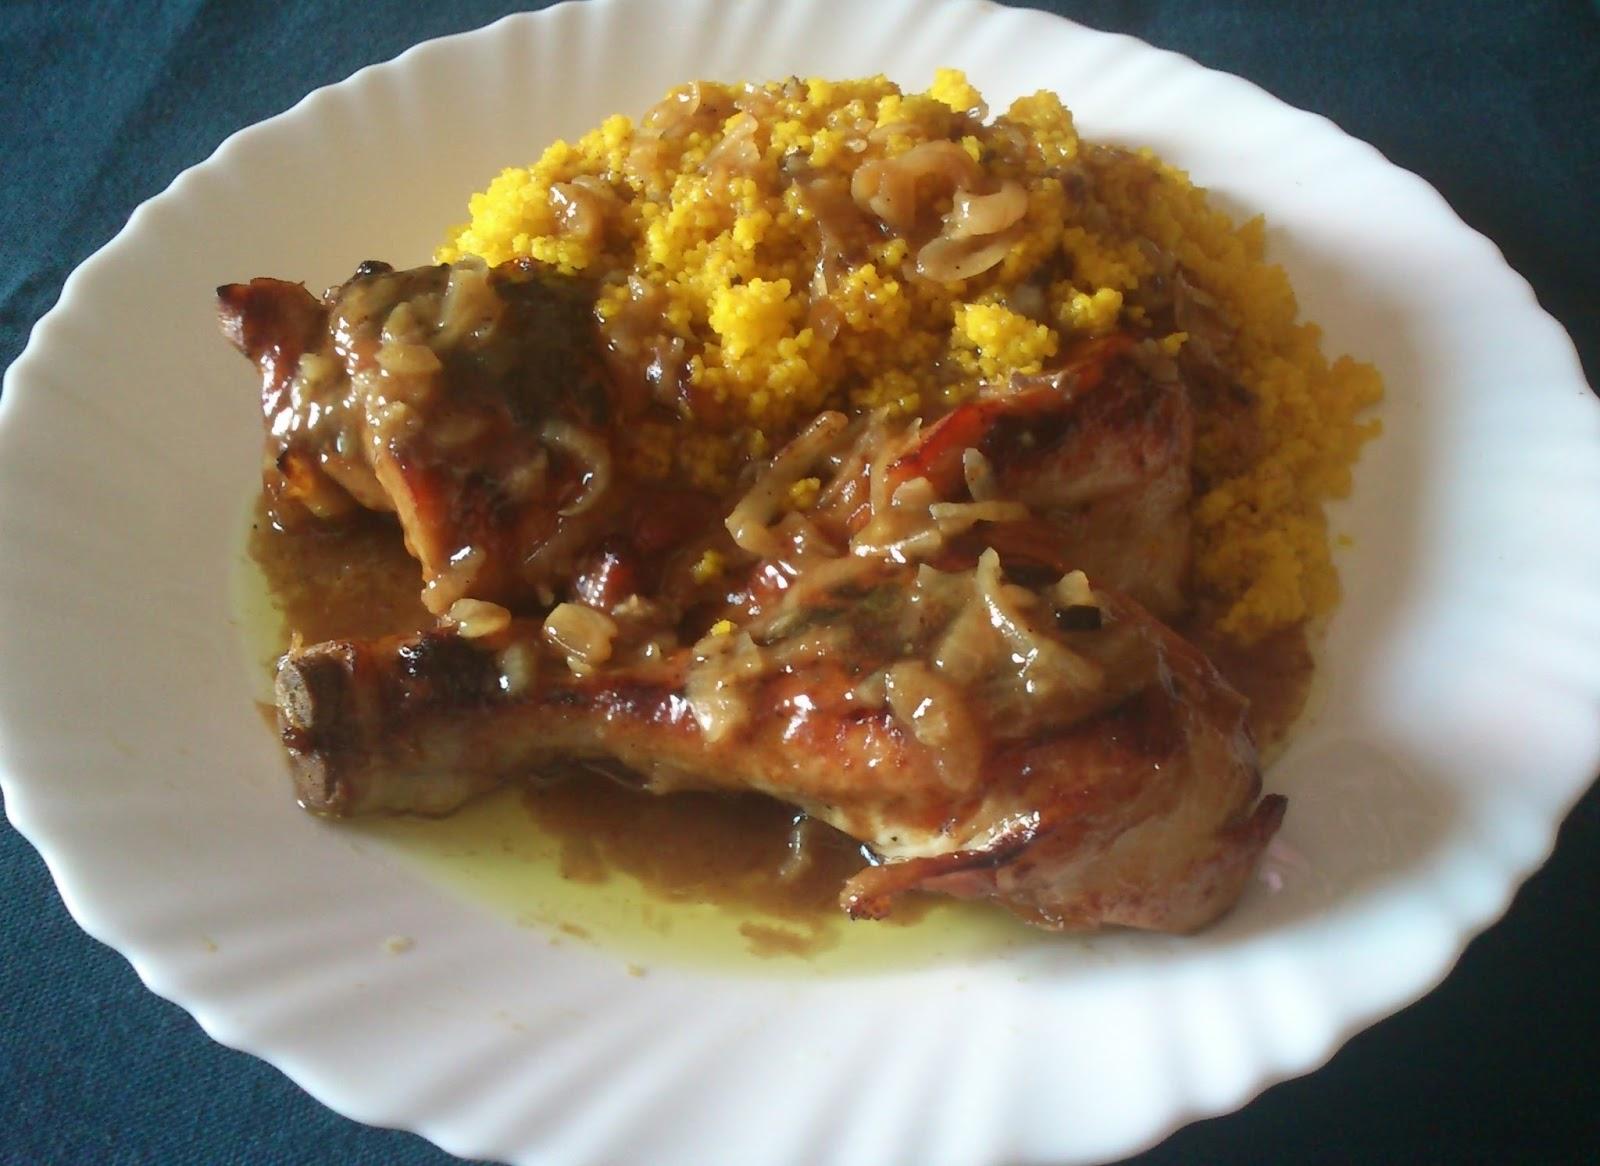 La cocina de inma mic pollo al horno con salsa de cebolla - Salsas para el pollo al horno ...